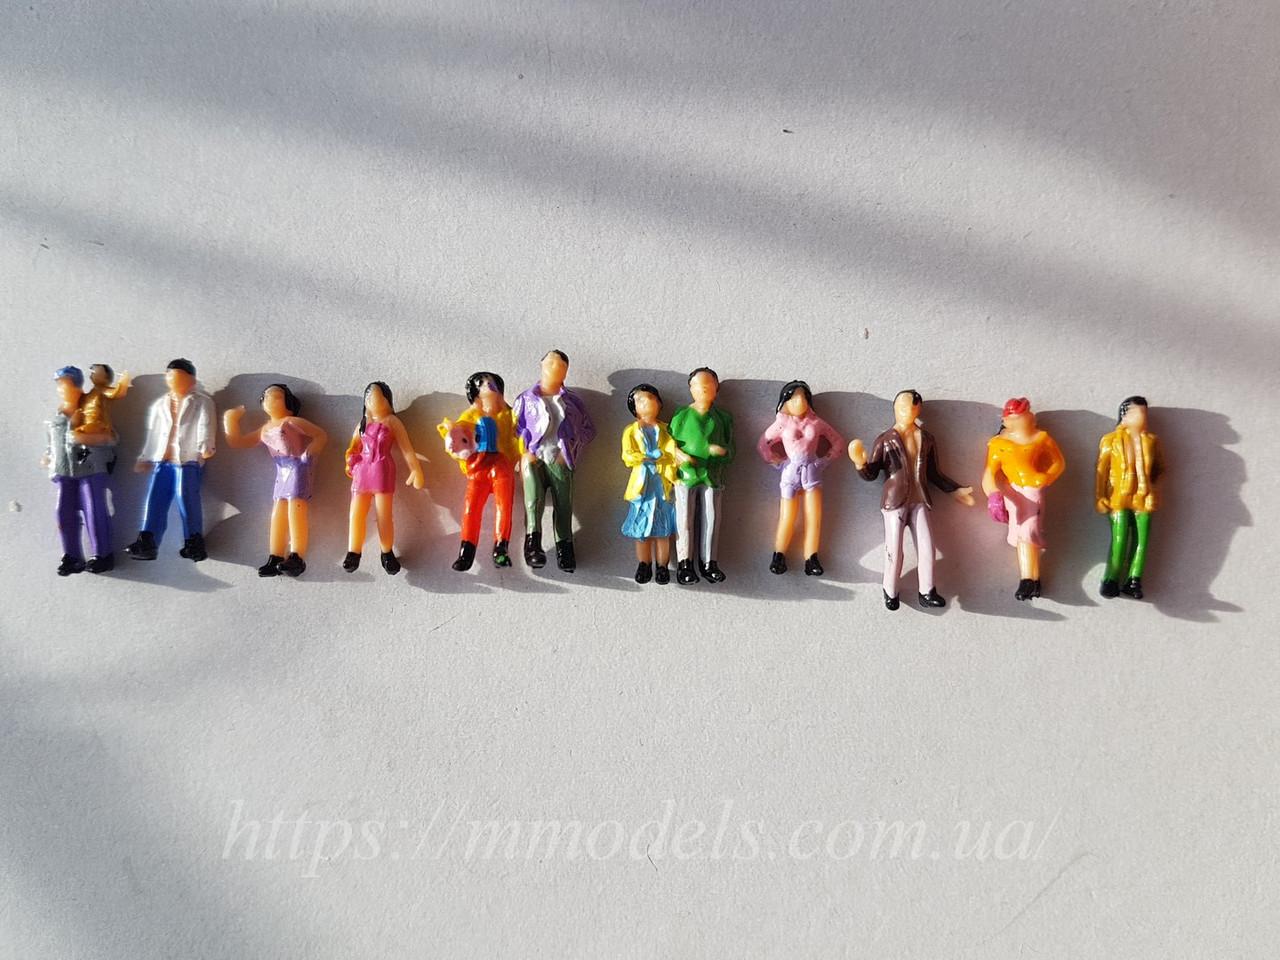 Комплект фигурок человечков для макета, комплект 10 шт высота 22 мм, масштаб 1:87,H0